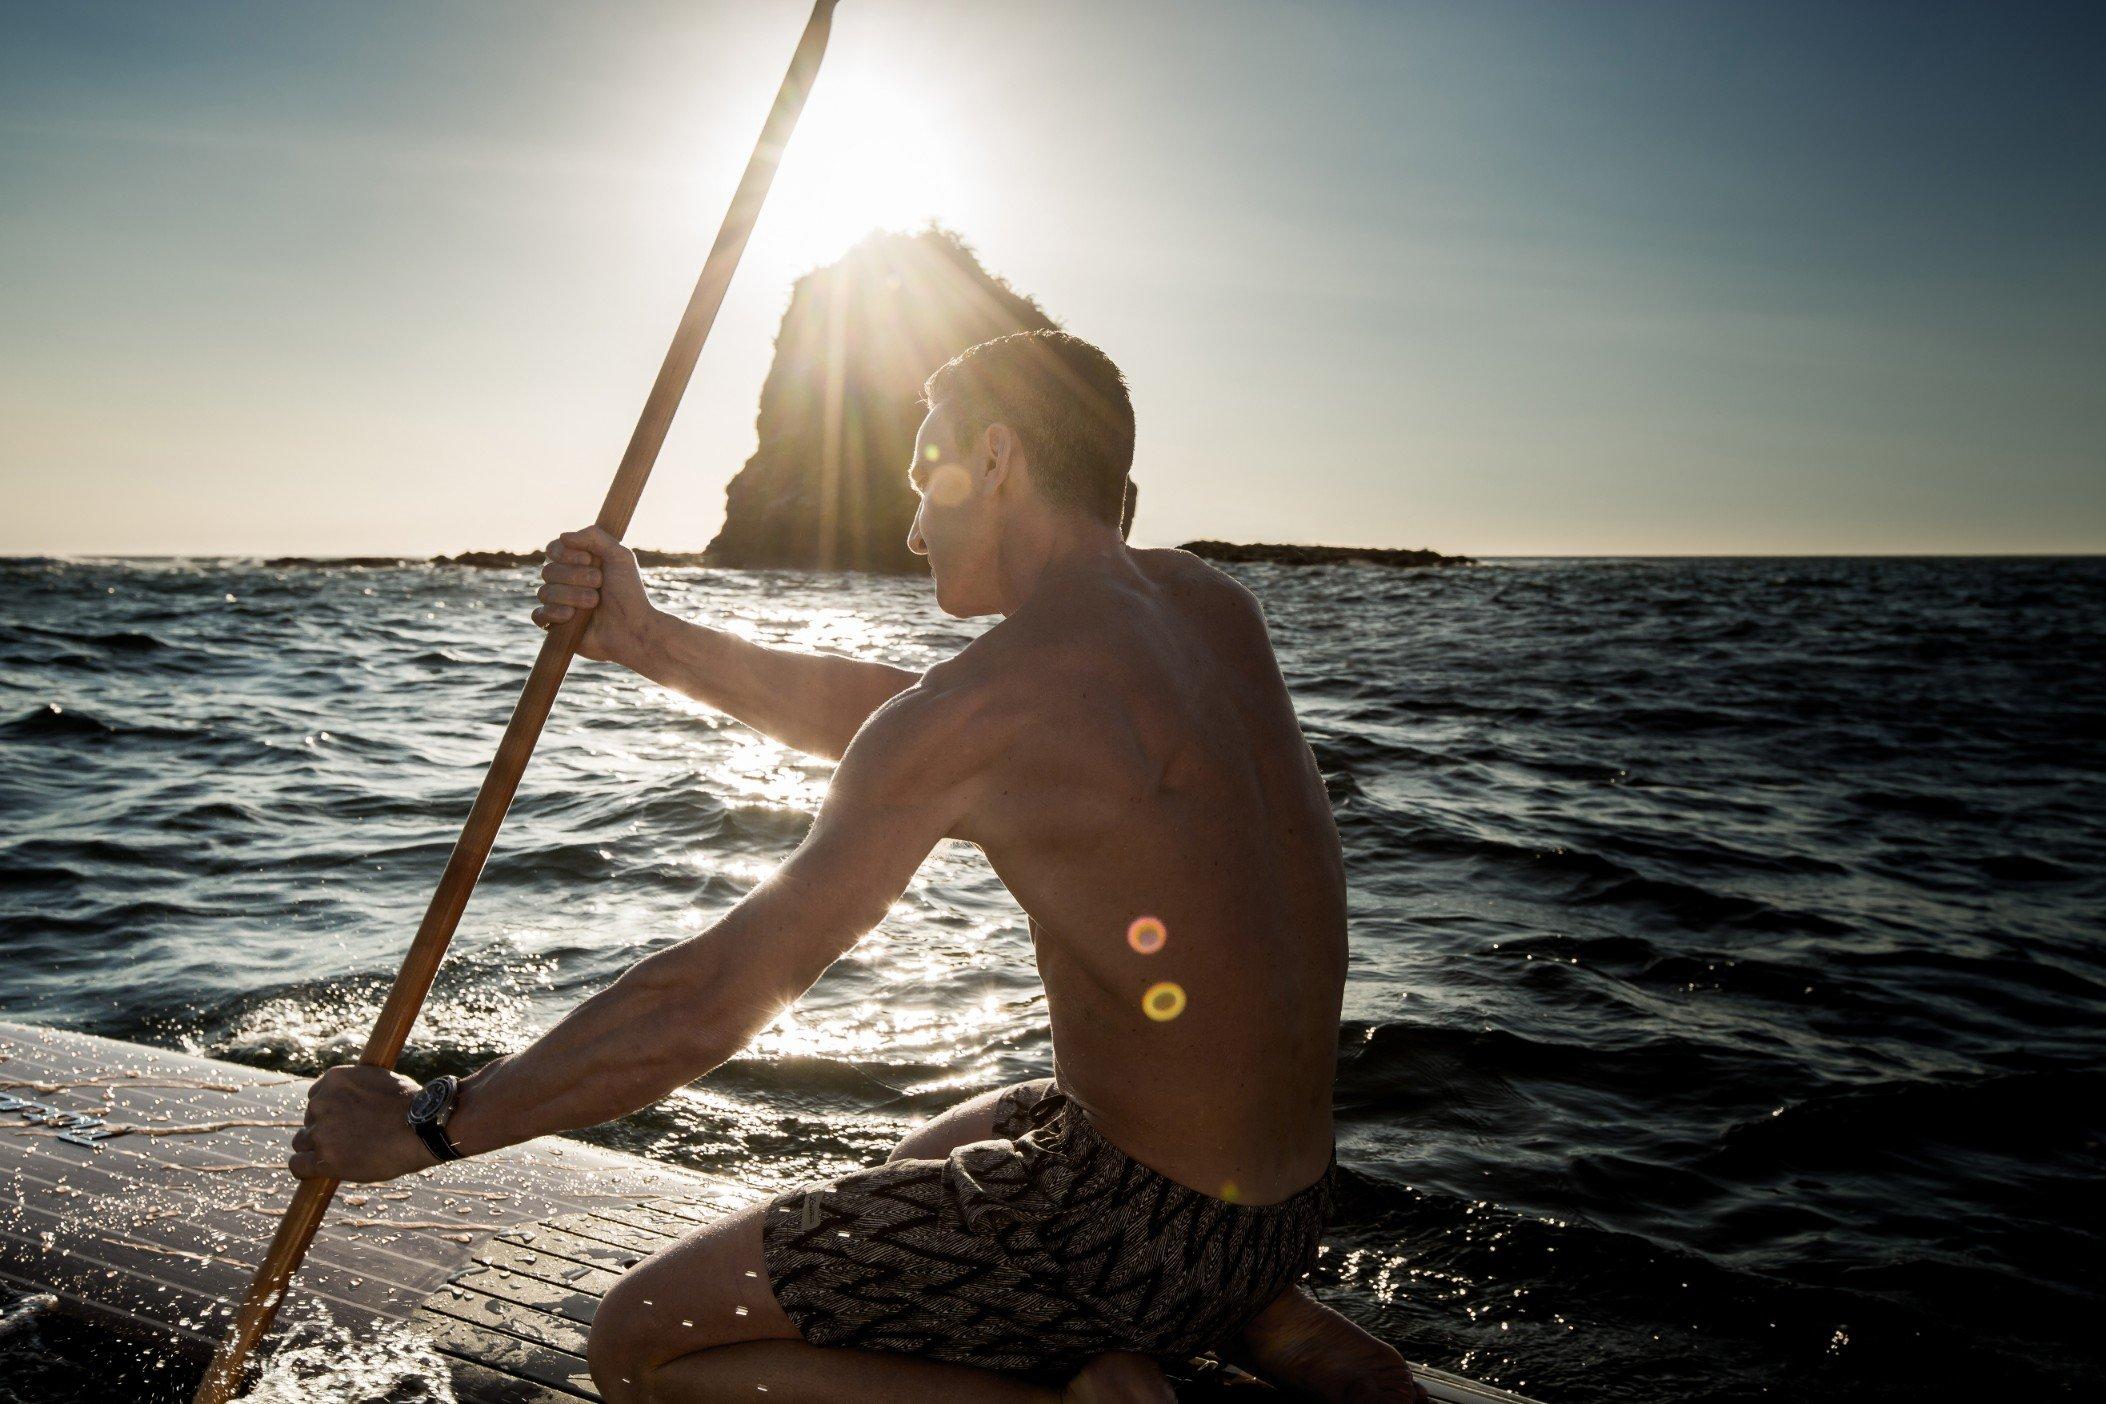 Beau Lake ouvre une nouvelle ère aux loisirs nautiques 4